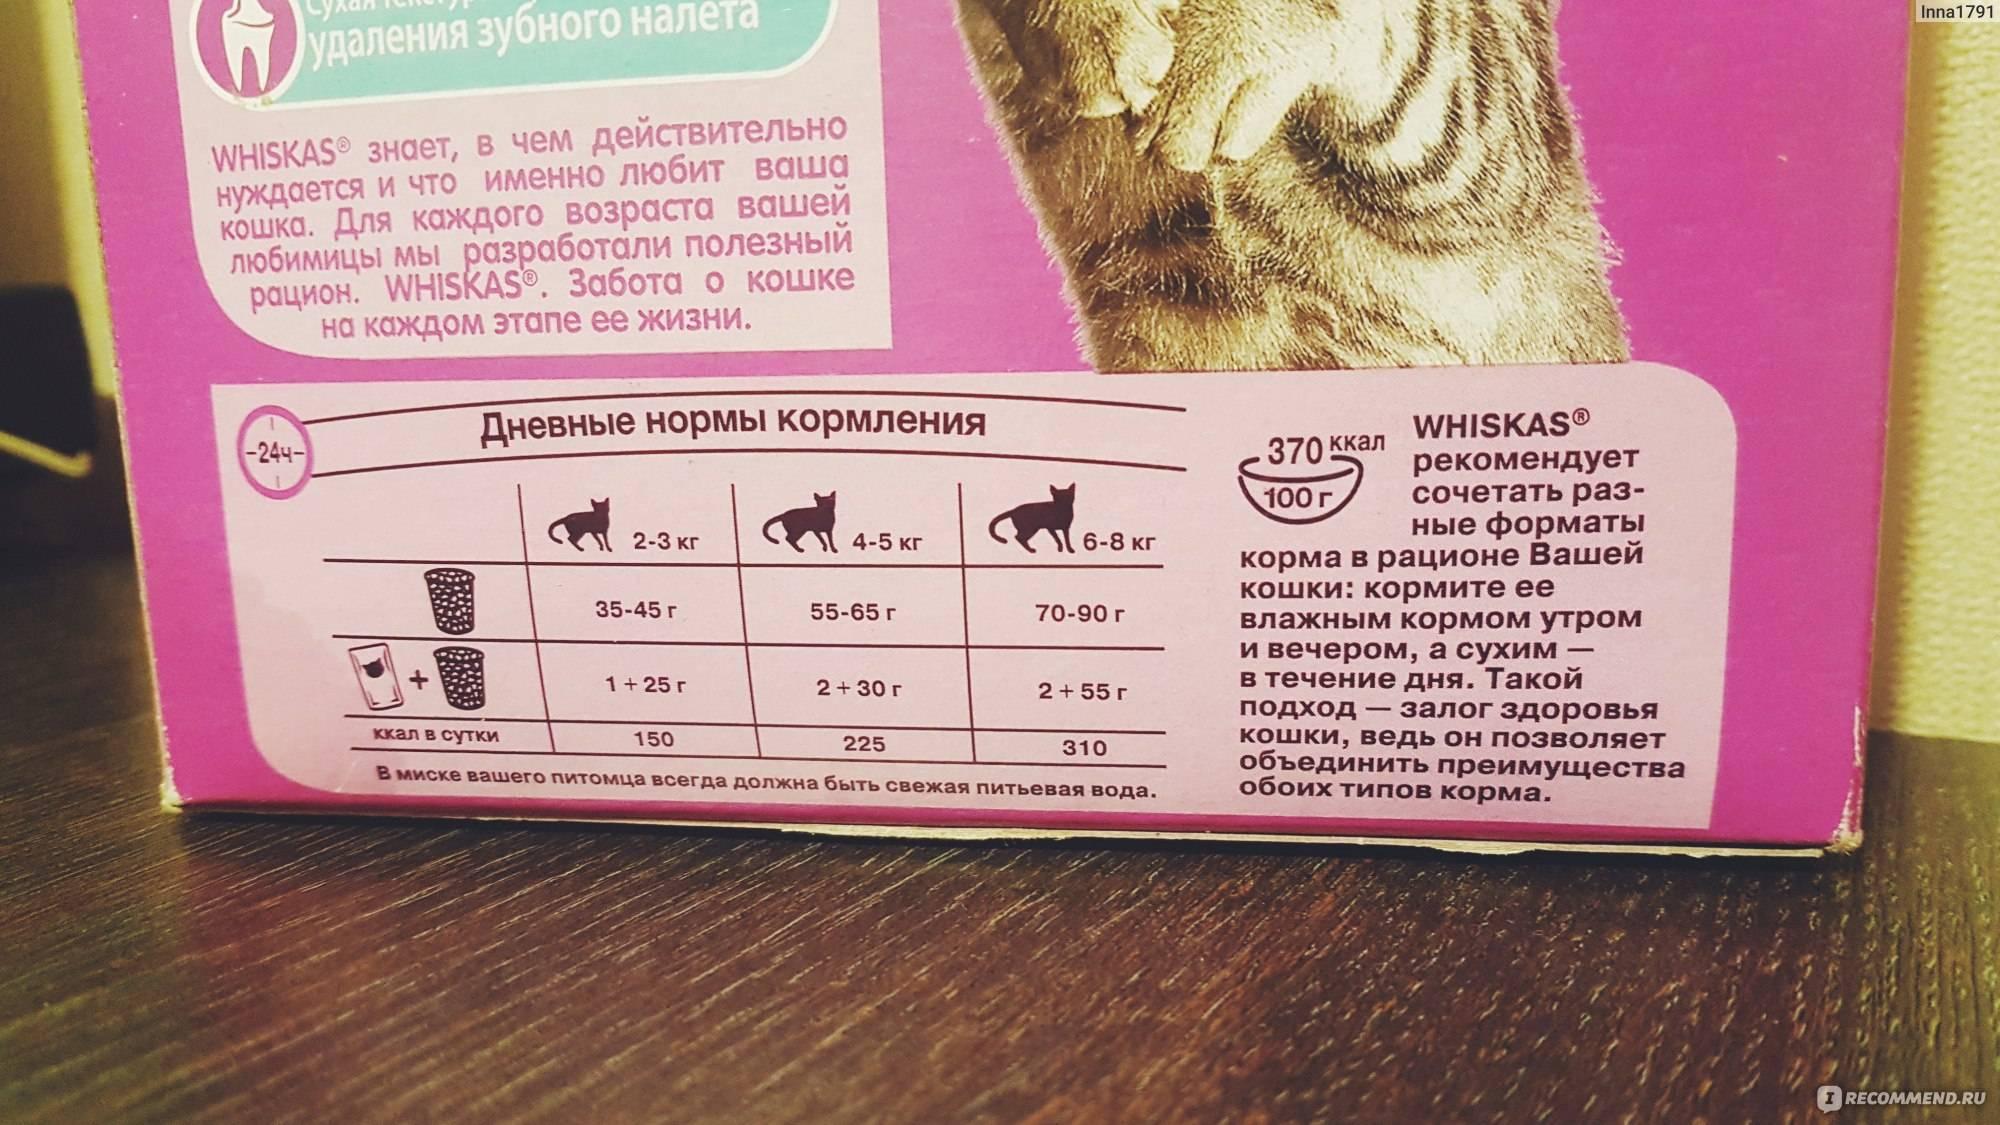 Можно ли кормить кошку собачьим кормом — влажным или сухим и в чем отличие